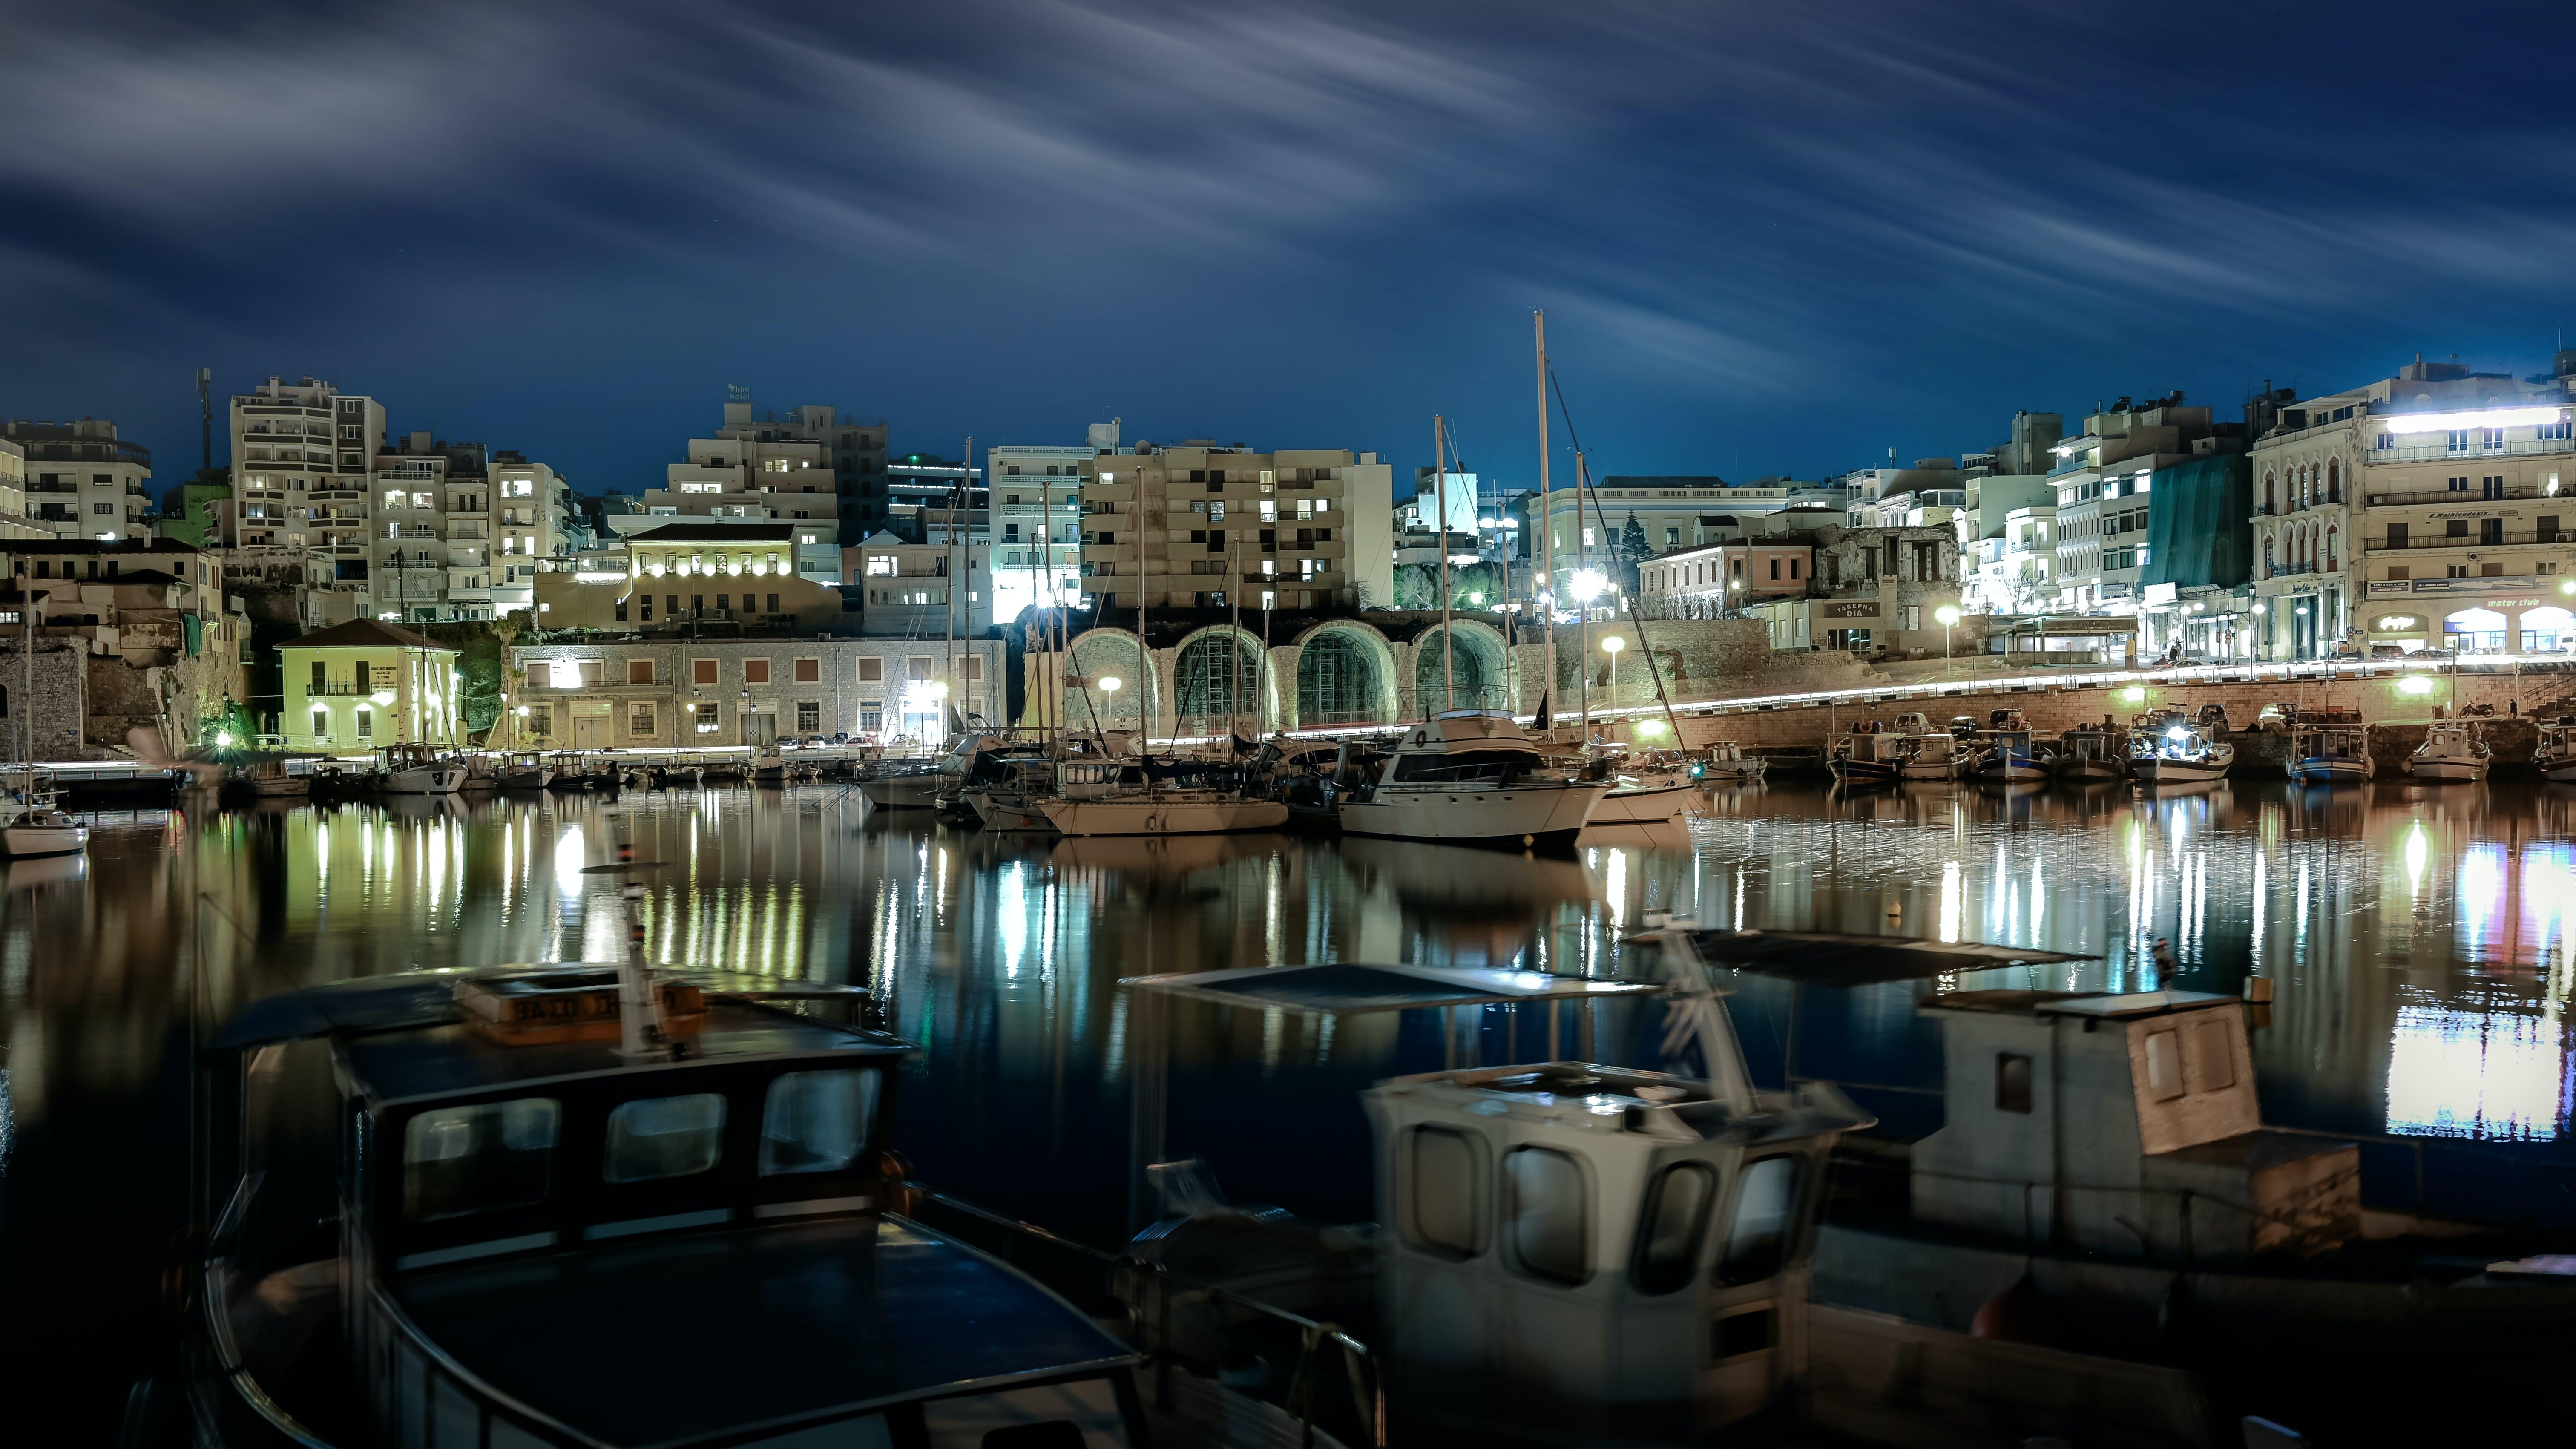 夜間攝影, 小城, 華美 的 免費圖庫相片